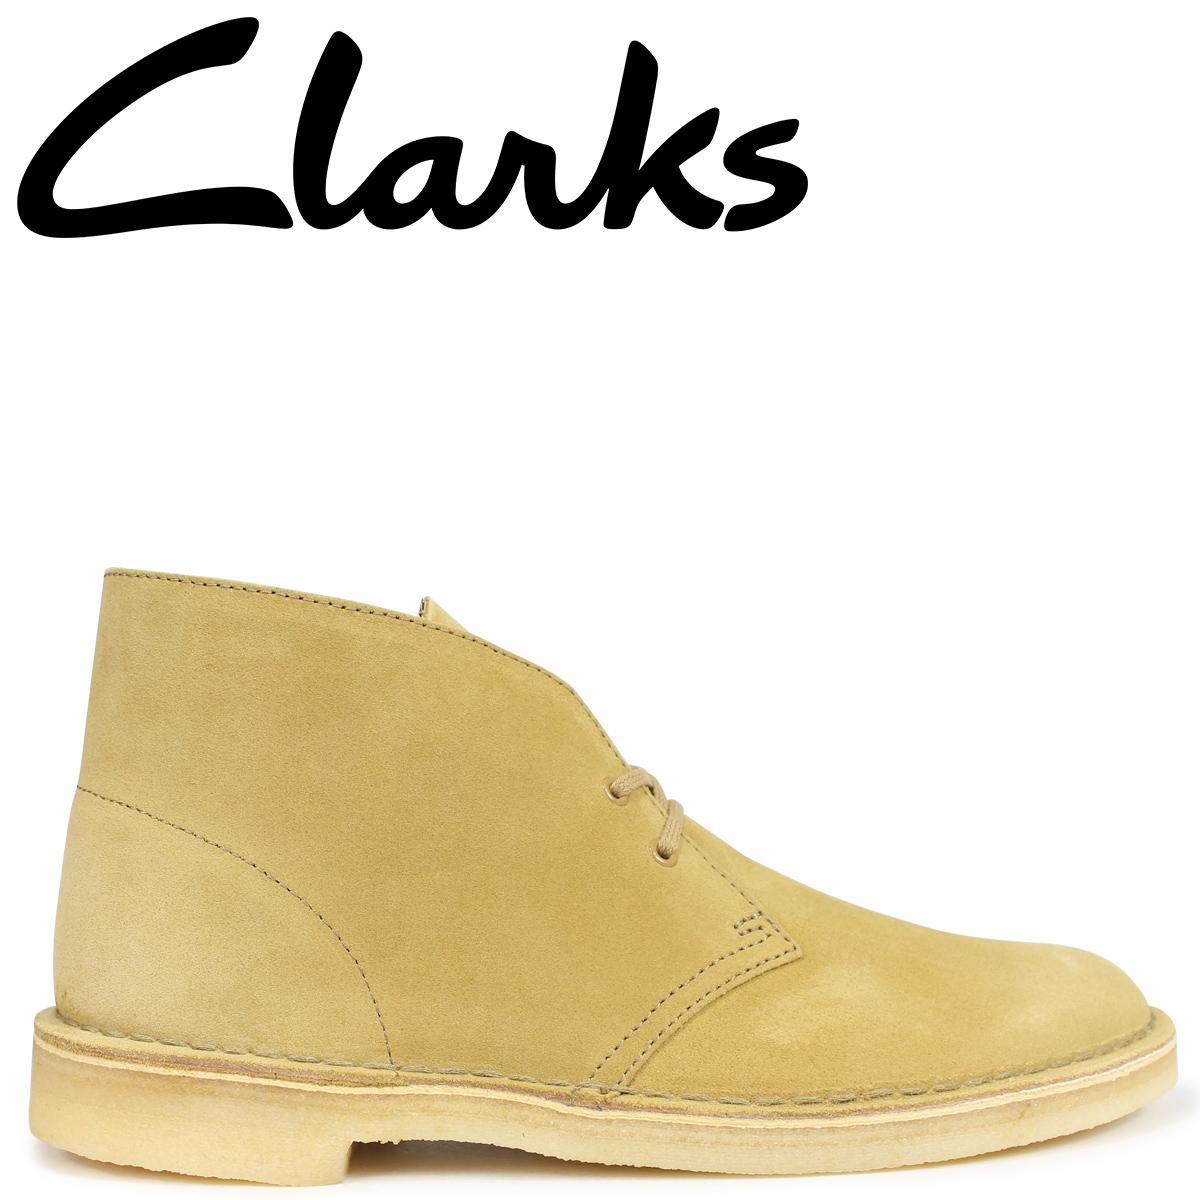 Clarks デザートブーツ メンズ クラークス DESERT BOOT 26138233 ライトブラウン [9/19 新入荷]